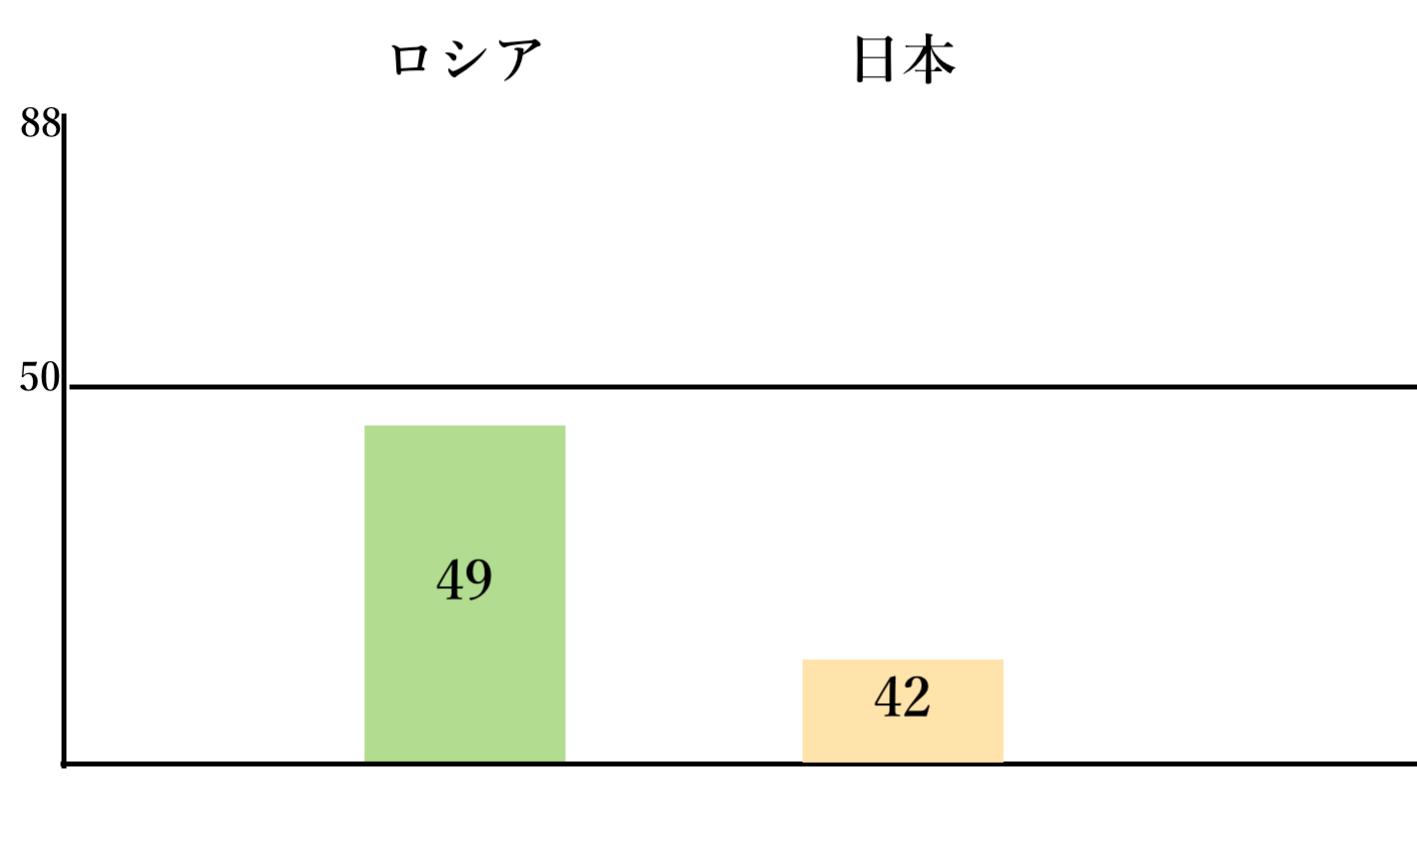 ロシアと日本比較図(自作)